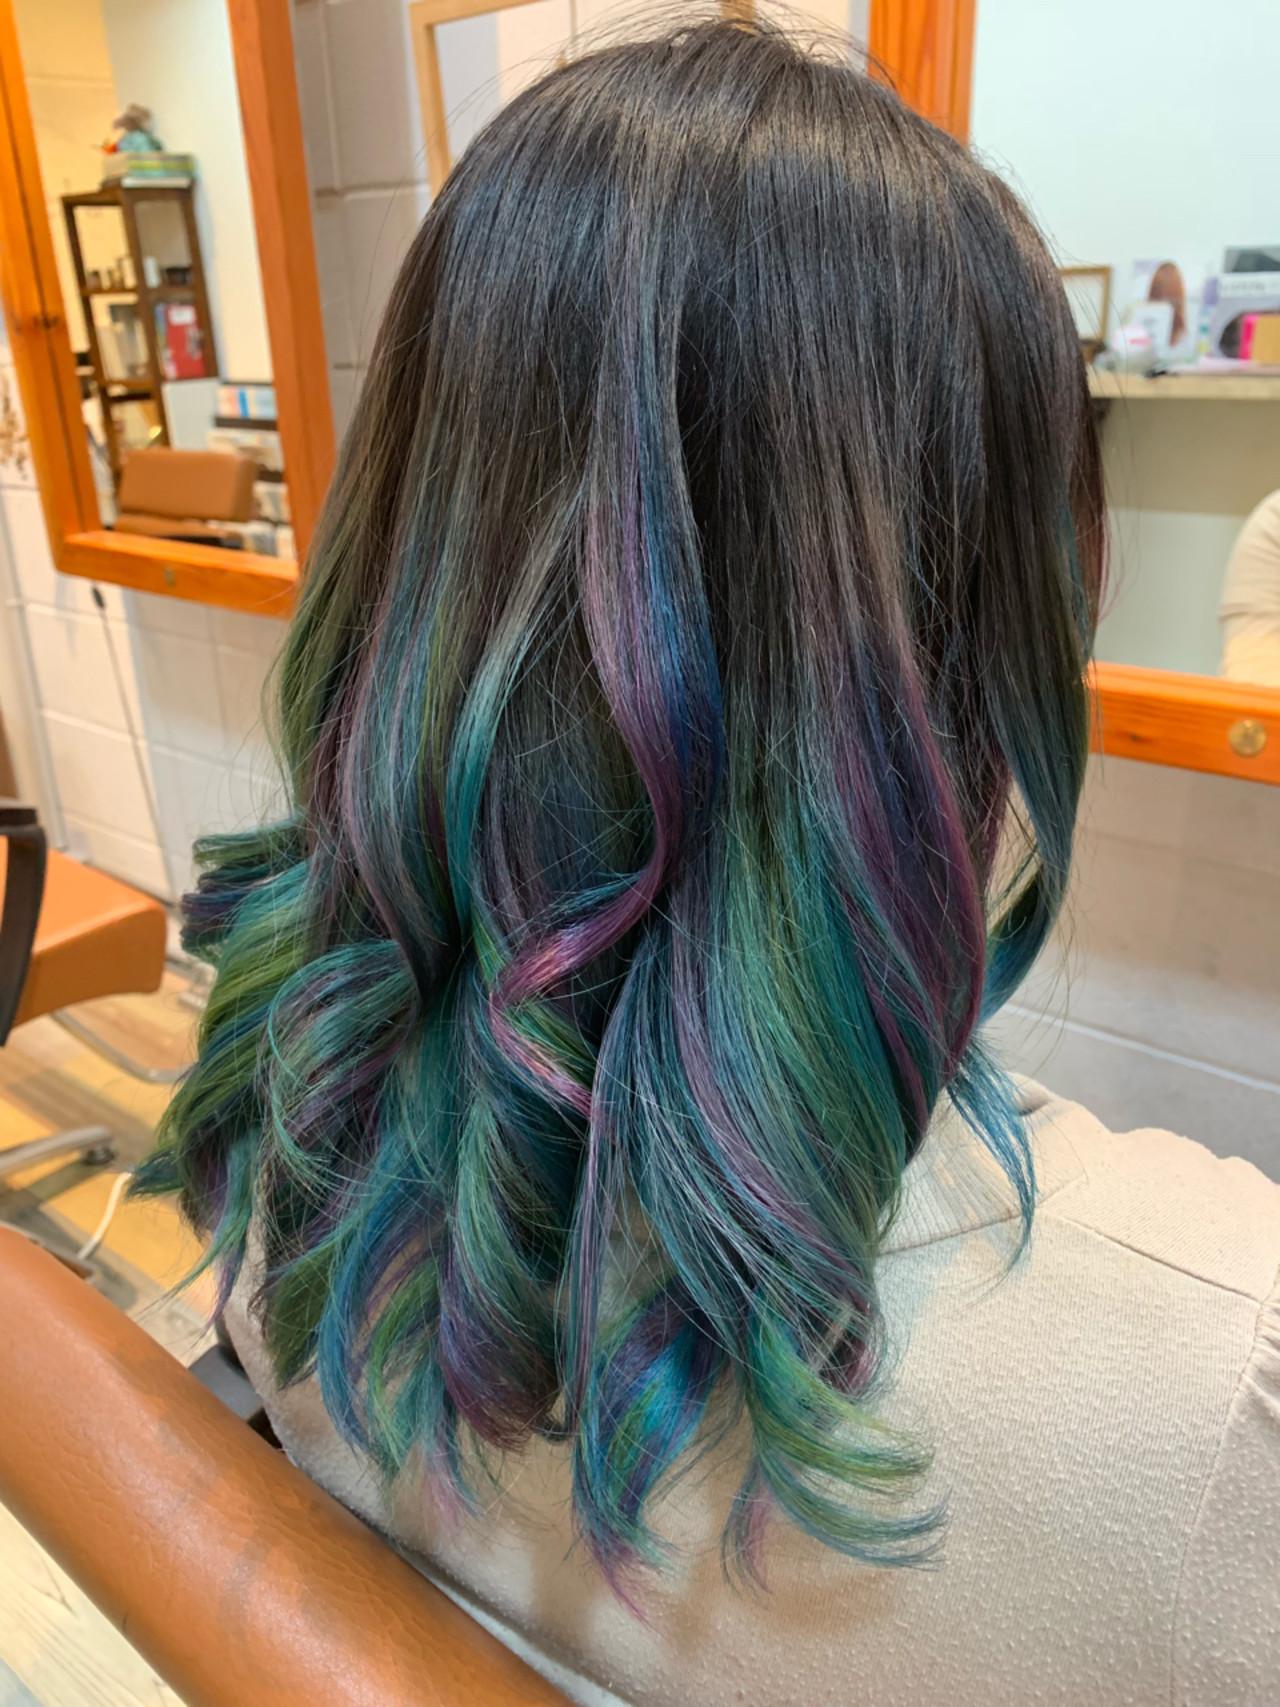 ダブルカラー ストリート ブリーチ セミロング ヘアスタイルや髪型の写真・画像 | Hatori Masaki / rela hair salon